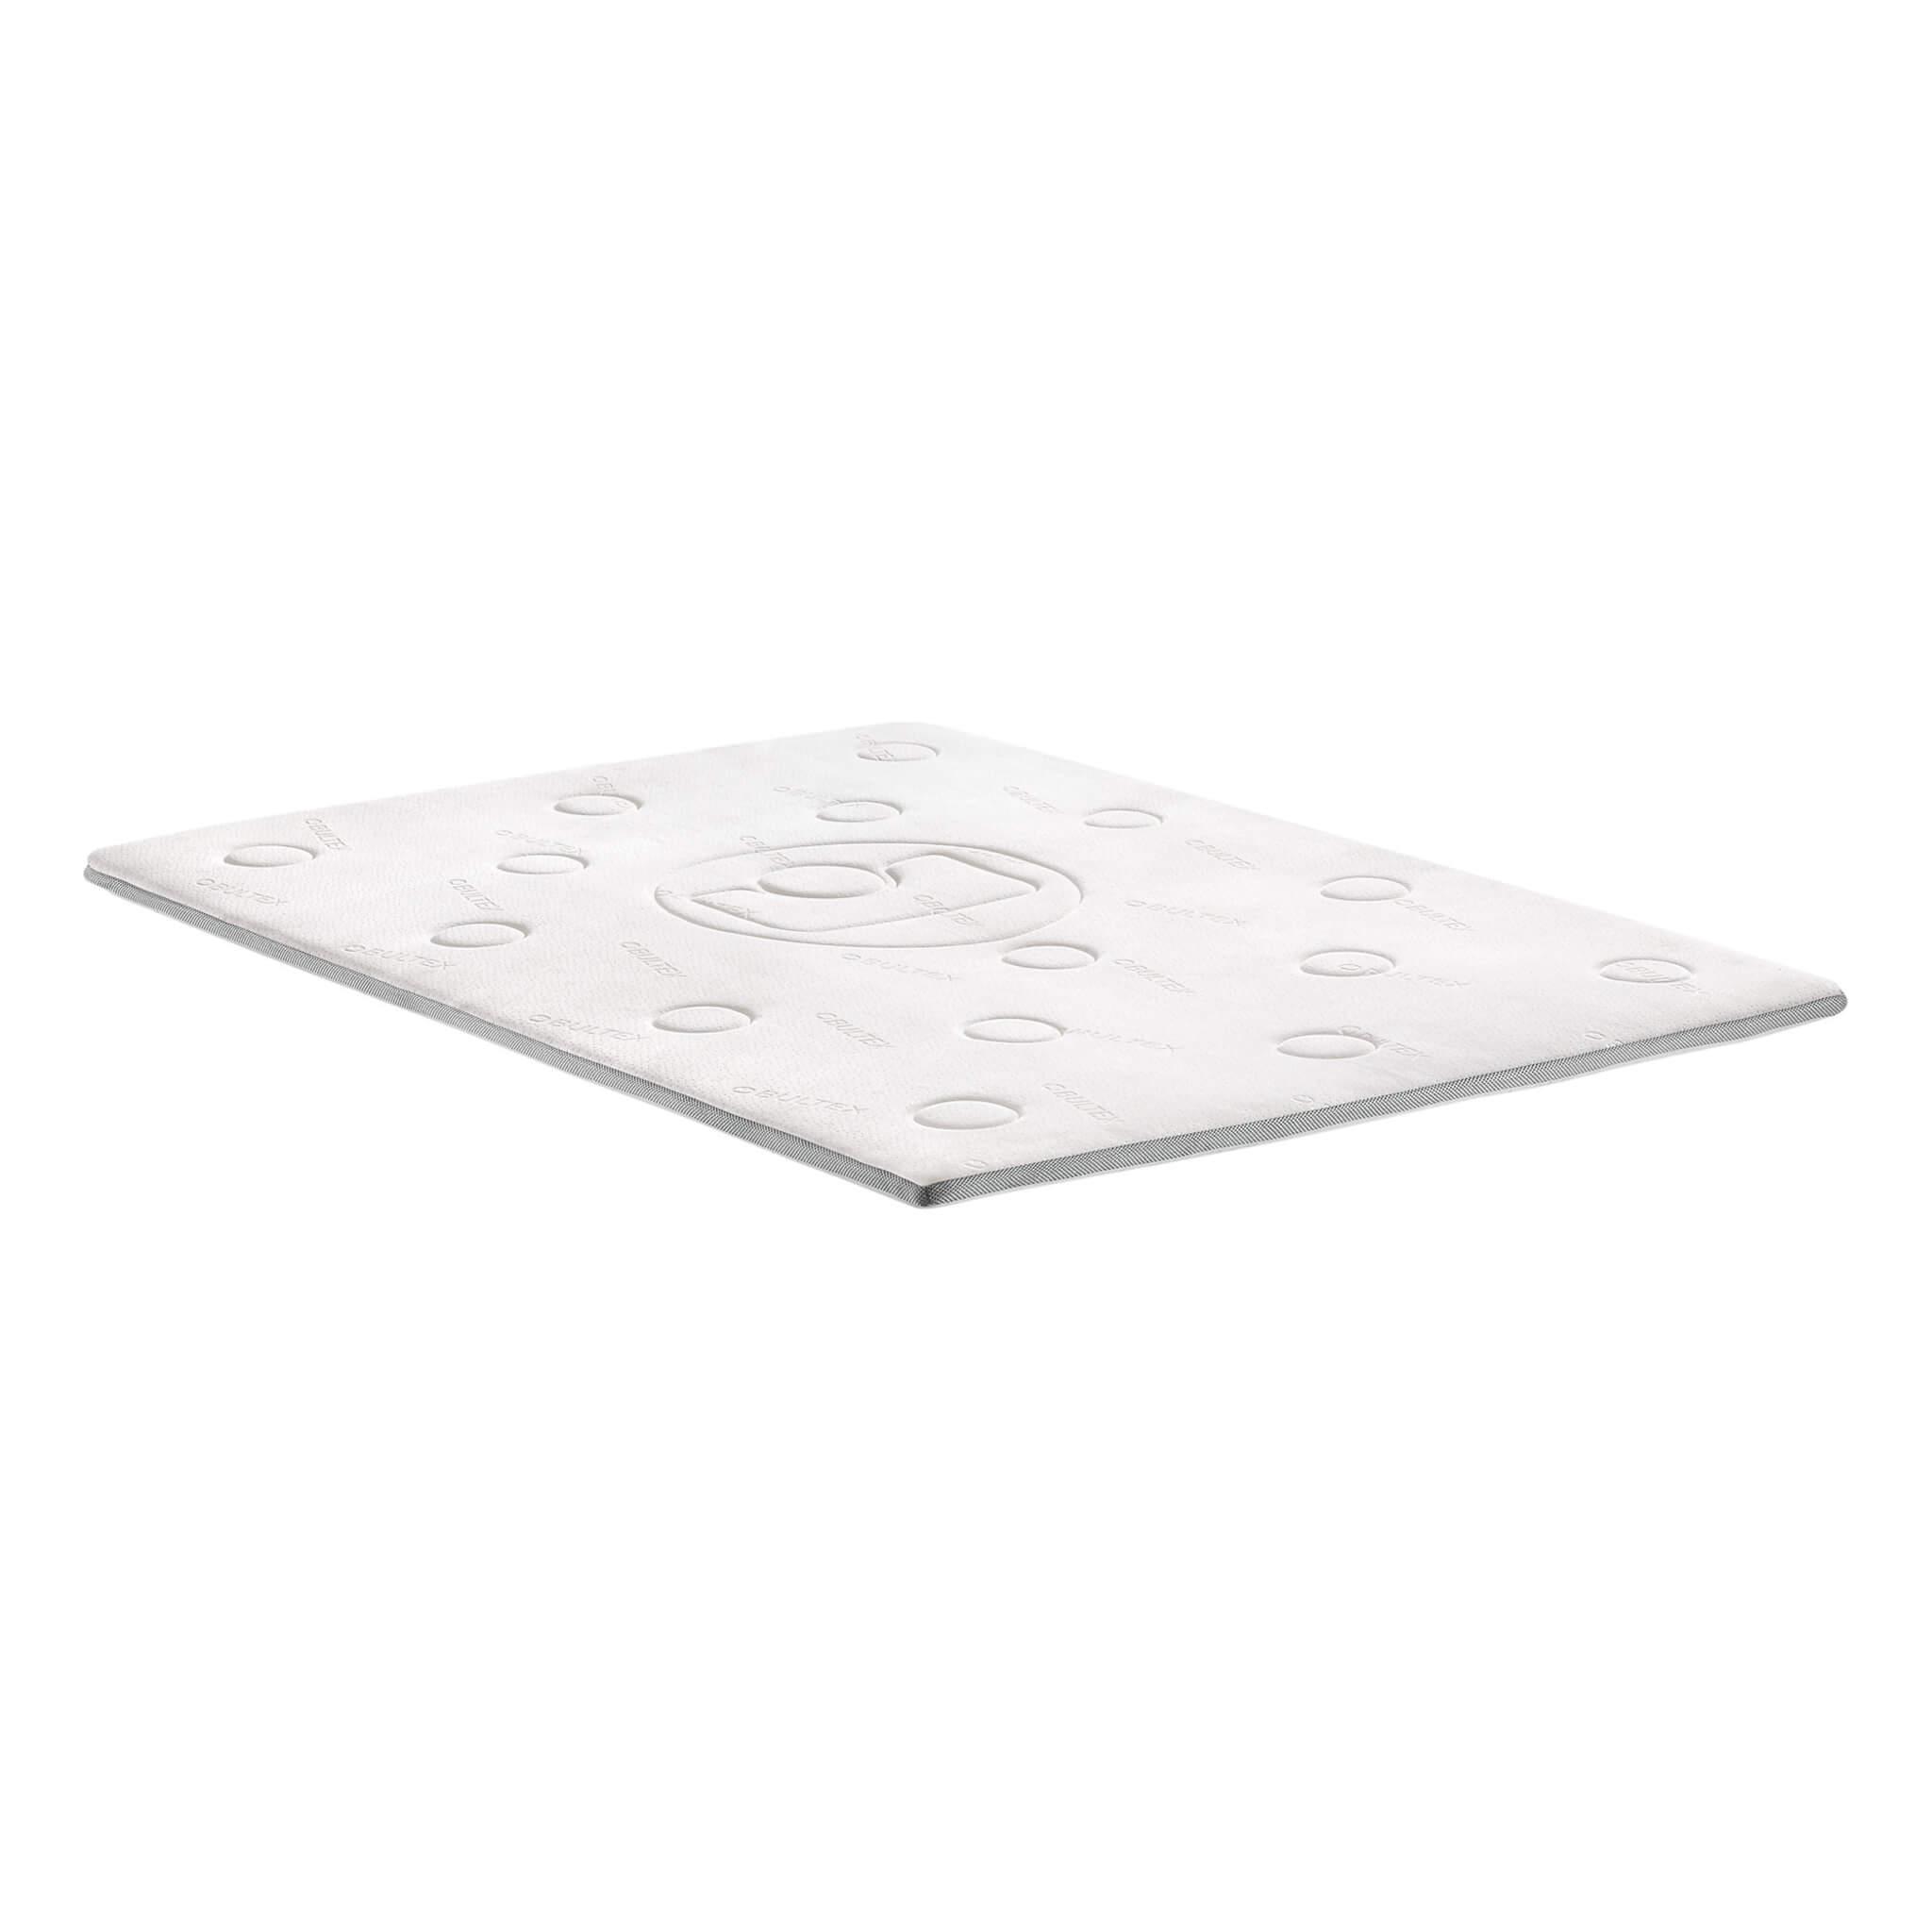 Surmatelas confort à mémoire de forme épaisseur 5cm 180x200